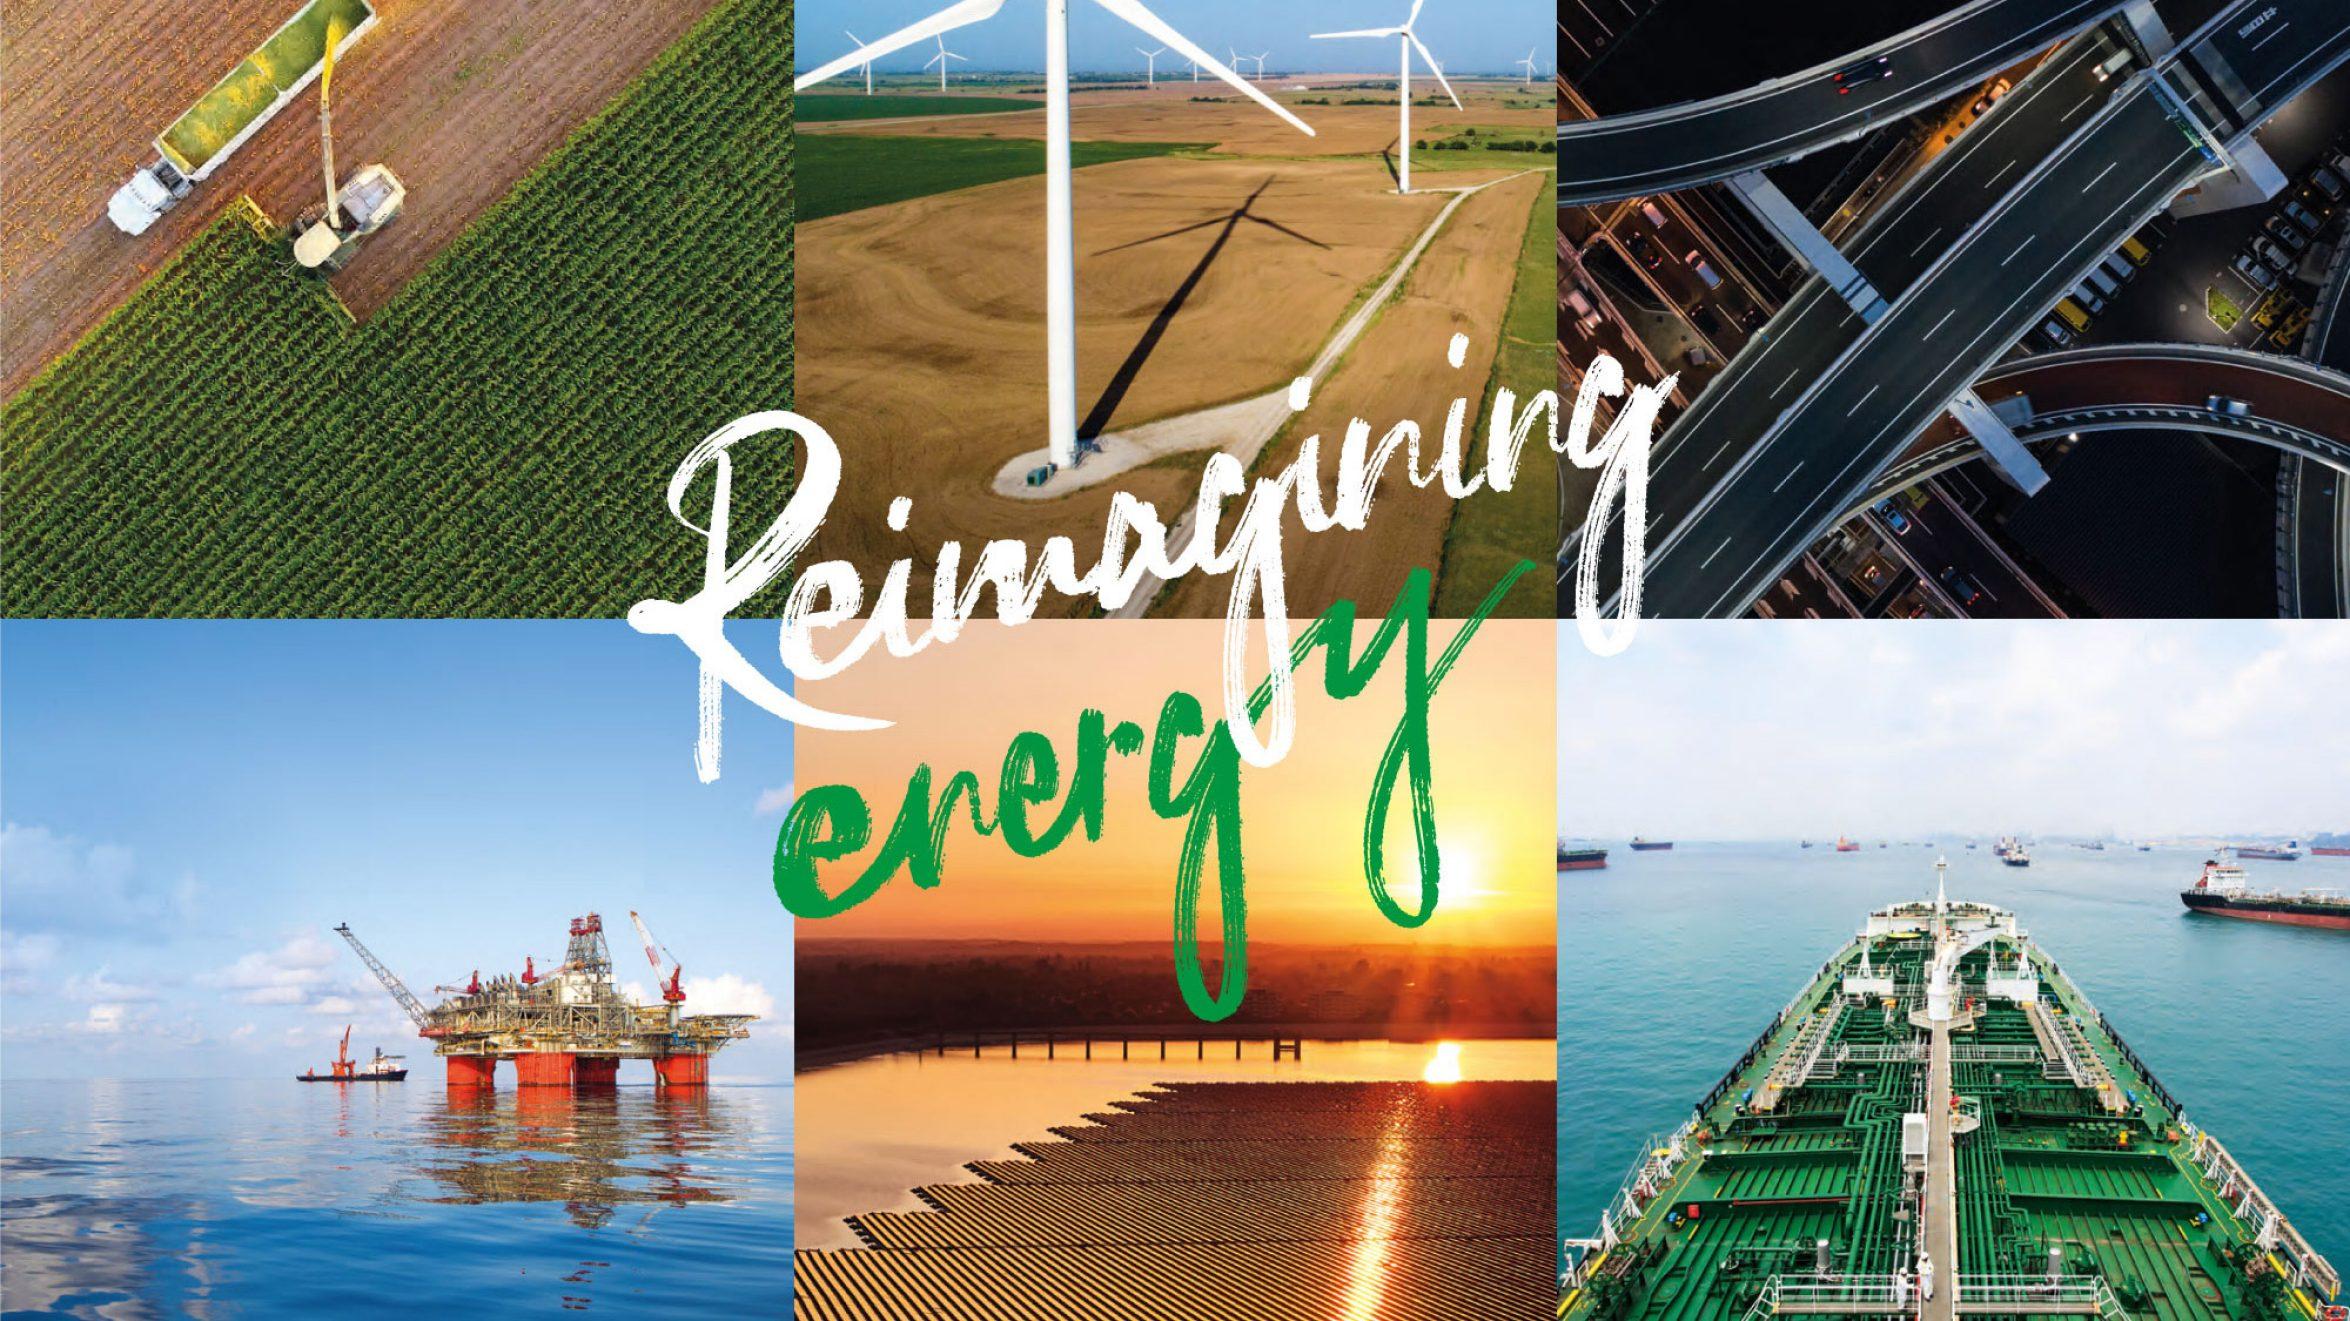 La nouvelle stratégie de bp : repenser l'énergie pour les personnes et notre planète 1